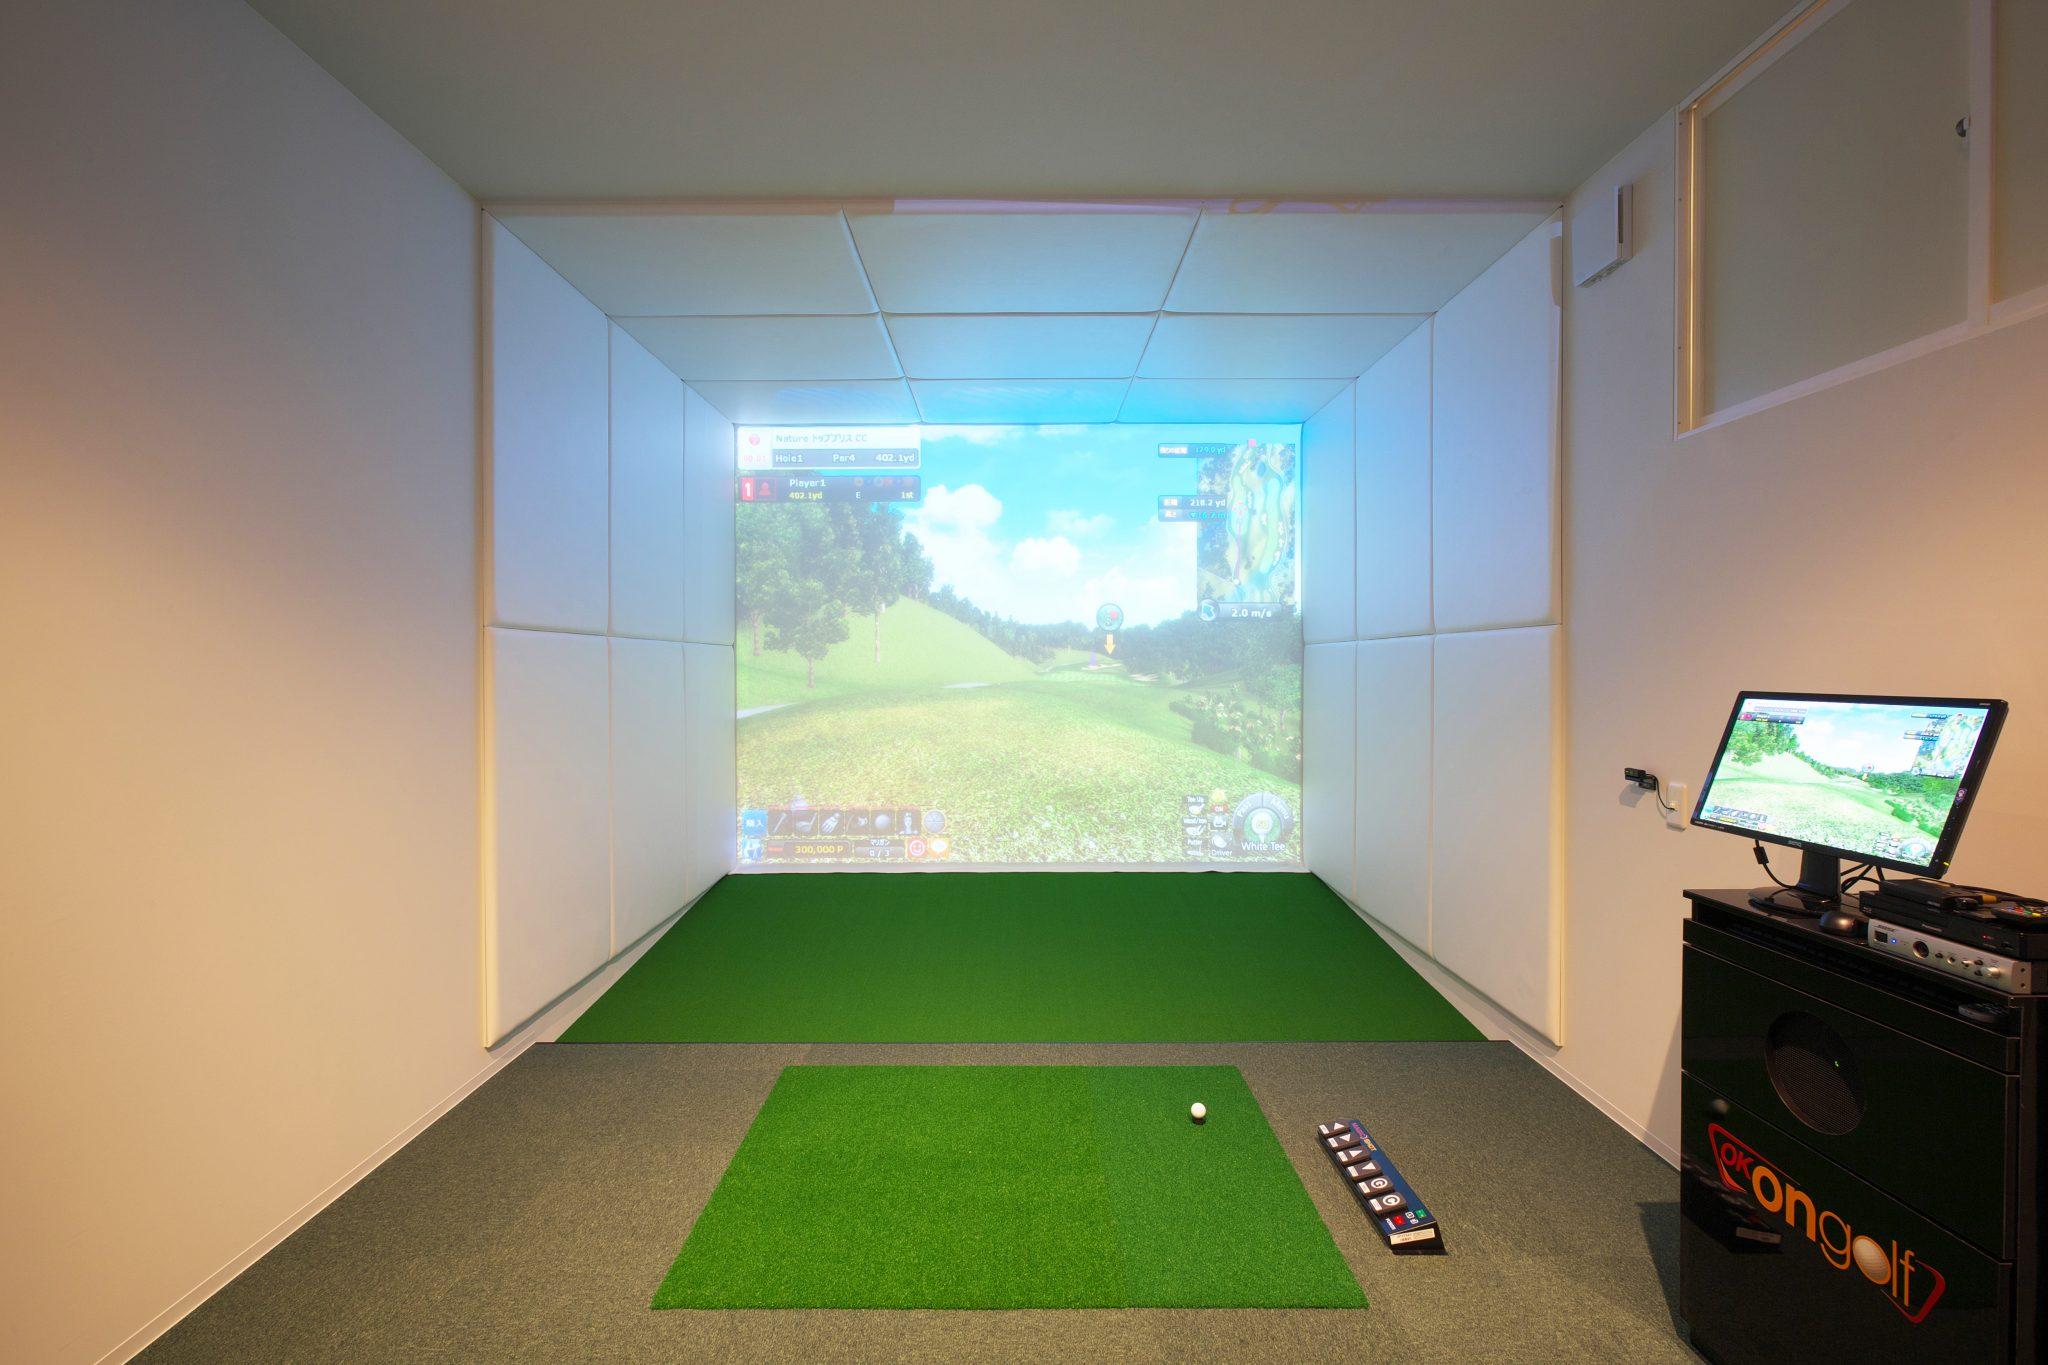 シュミレーション ゴルフ